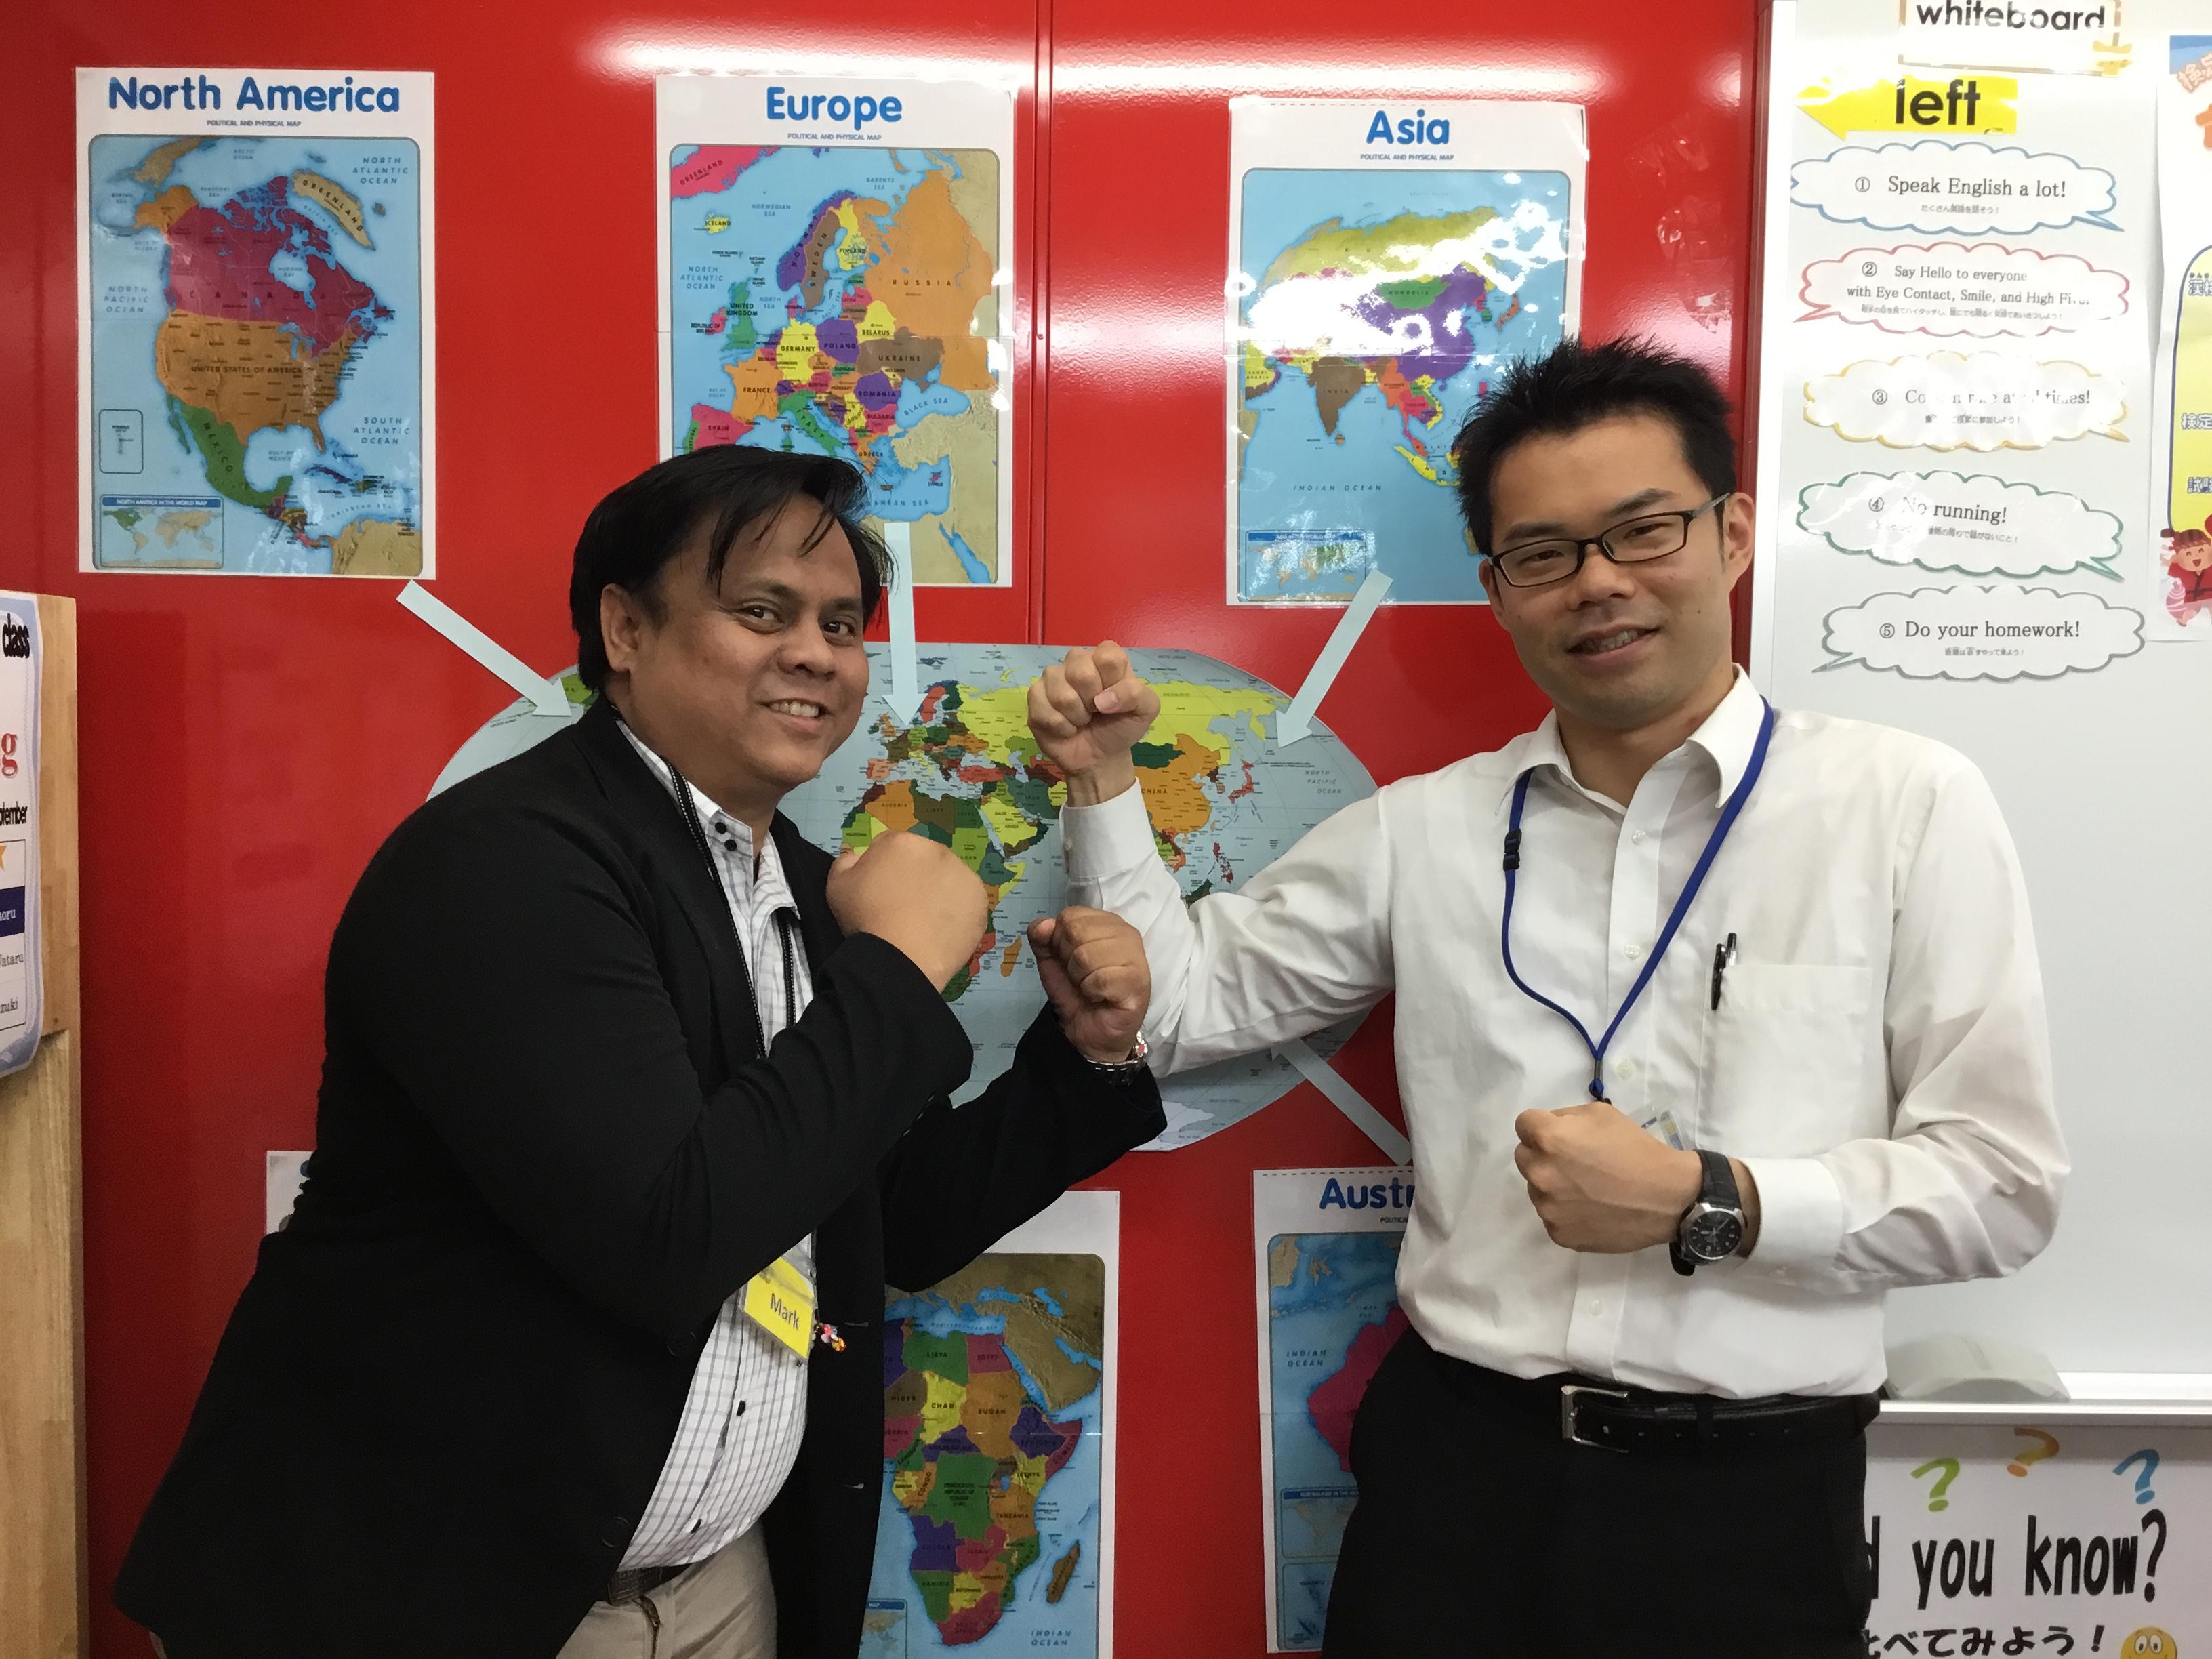 日本人講師と外国人講師のペアで指導